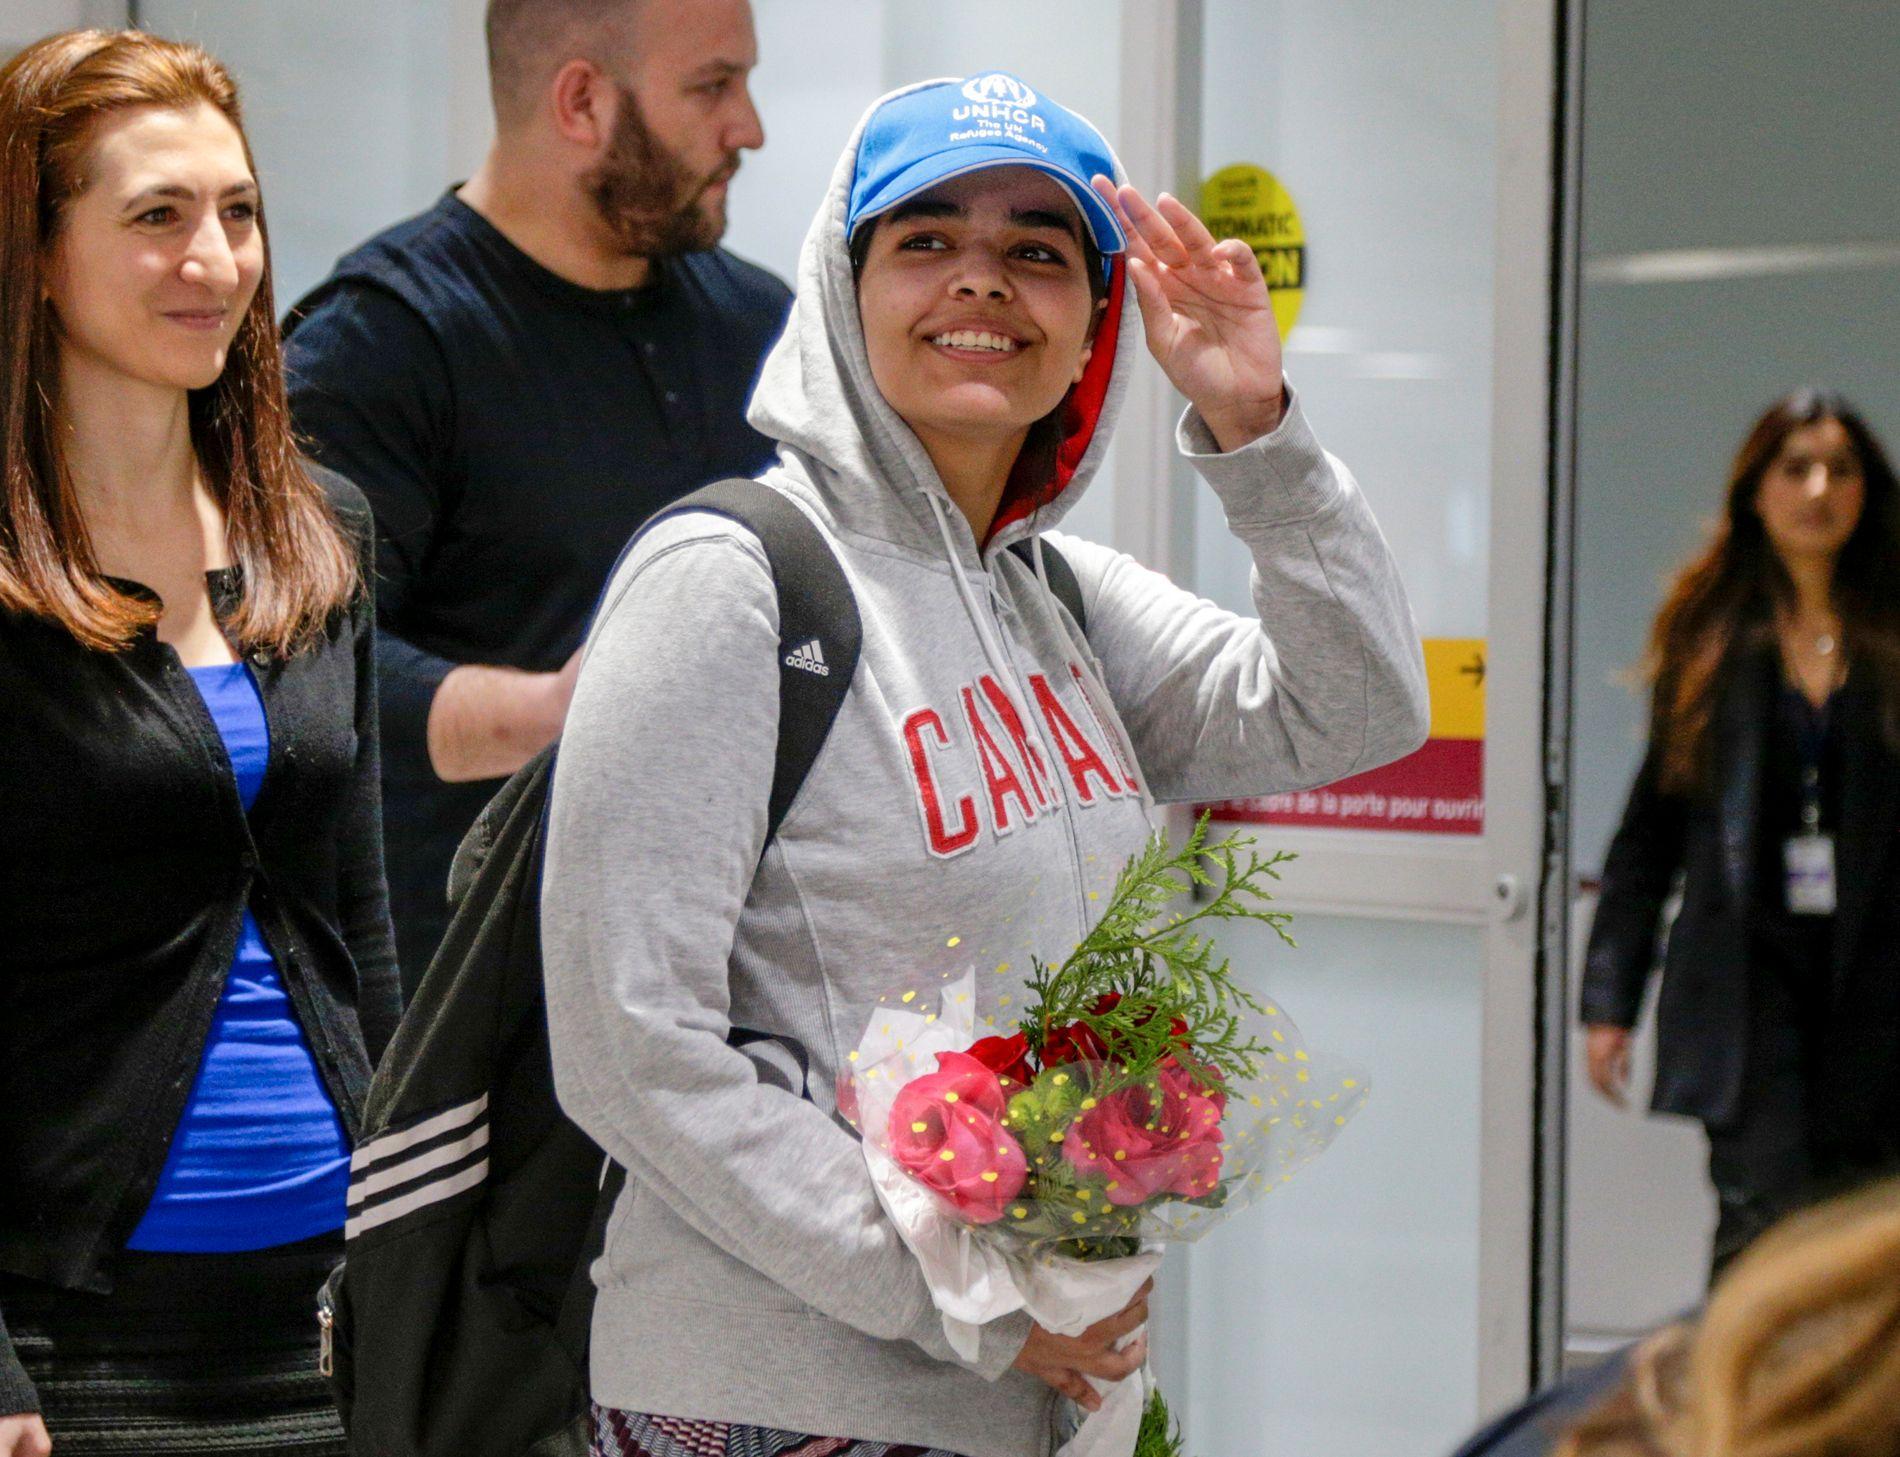 LANDET: Den saudiarabiske flyktningen Rahaf Mohamed al-Qunun tas imot av Canadas utenriksminister Chrystia Freeland (t.h) fredag.